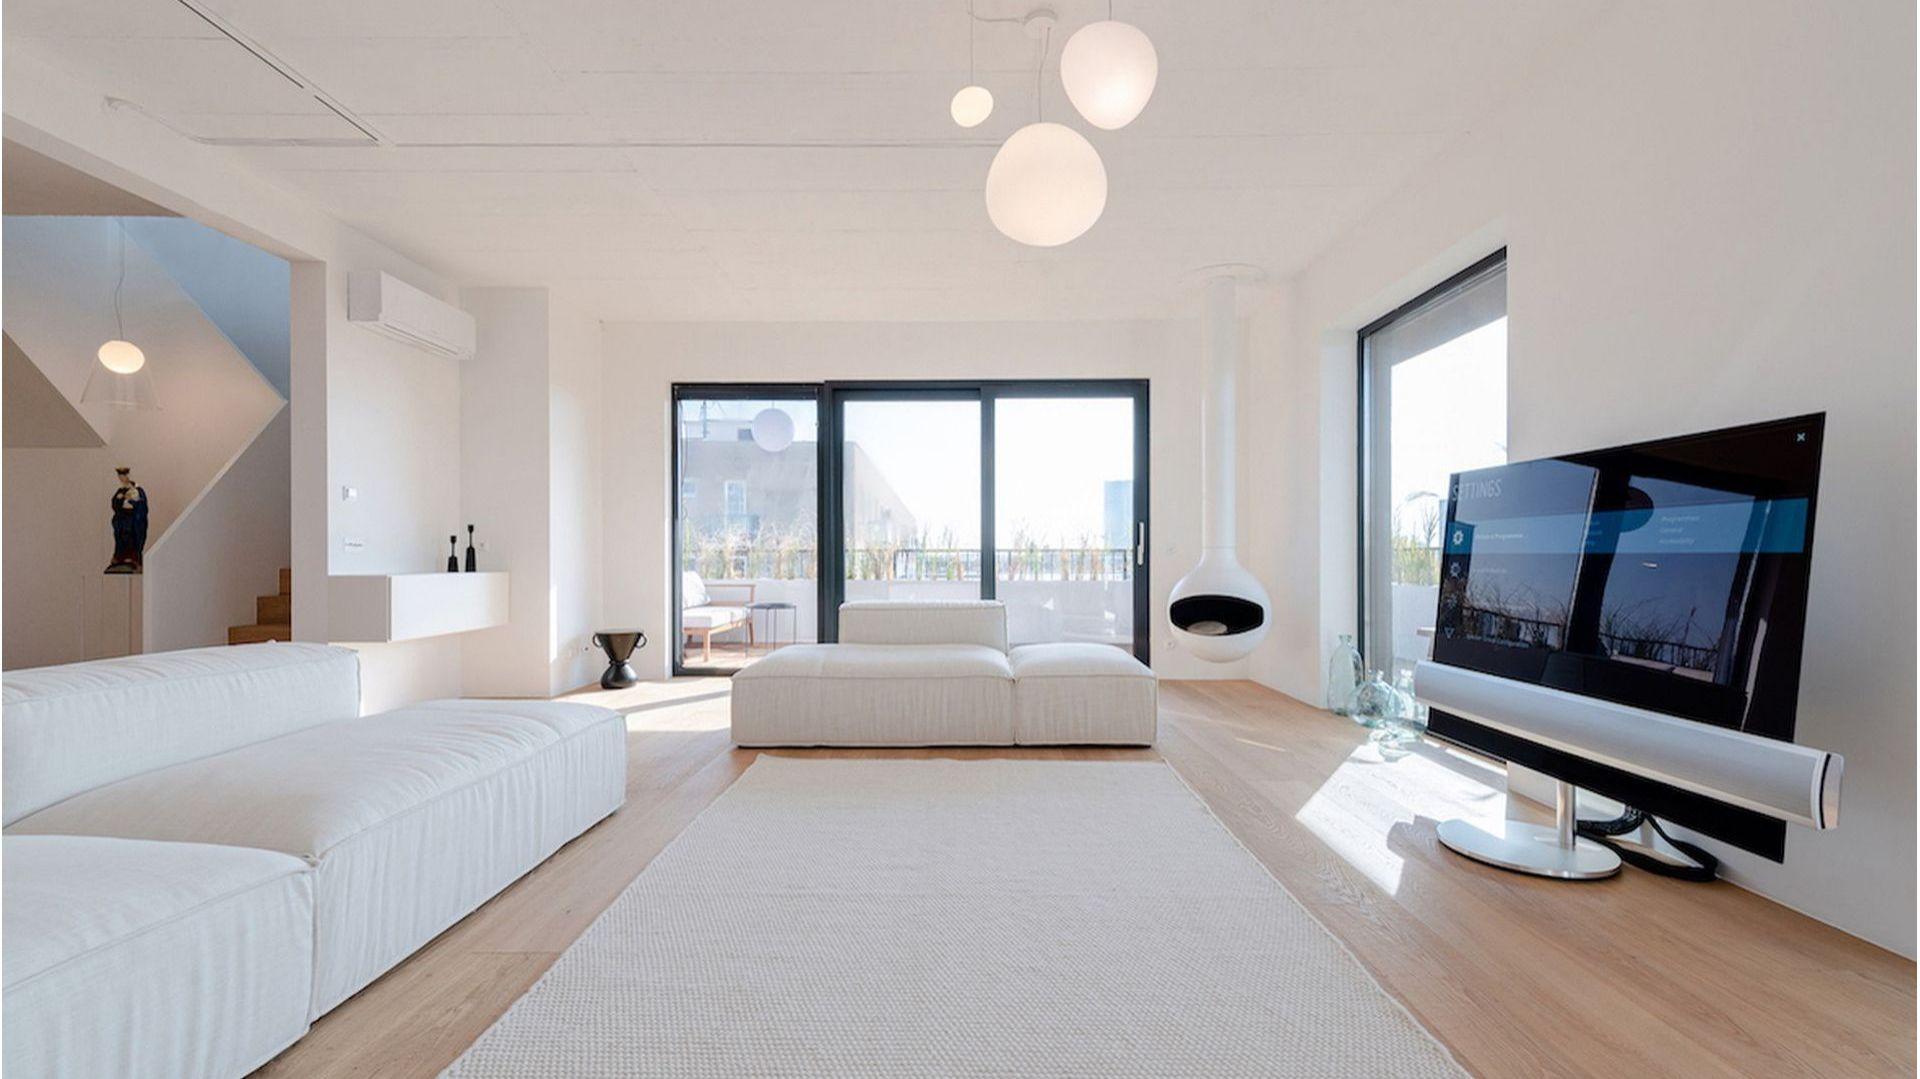 Salon apartamentu w Bratysławie odwołuje się do stylu zen. Fot. Nobonobo